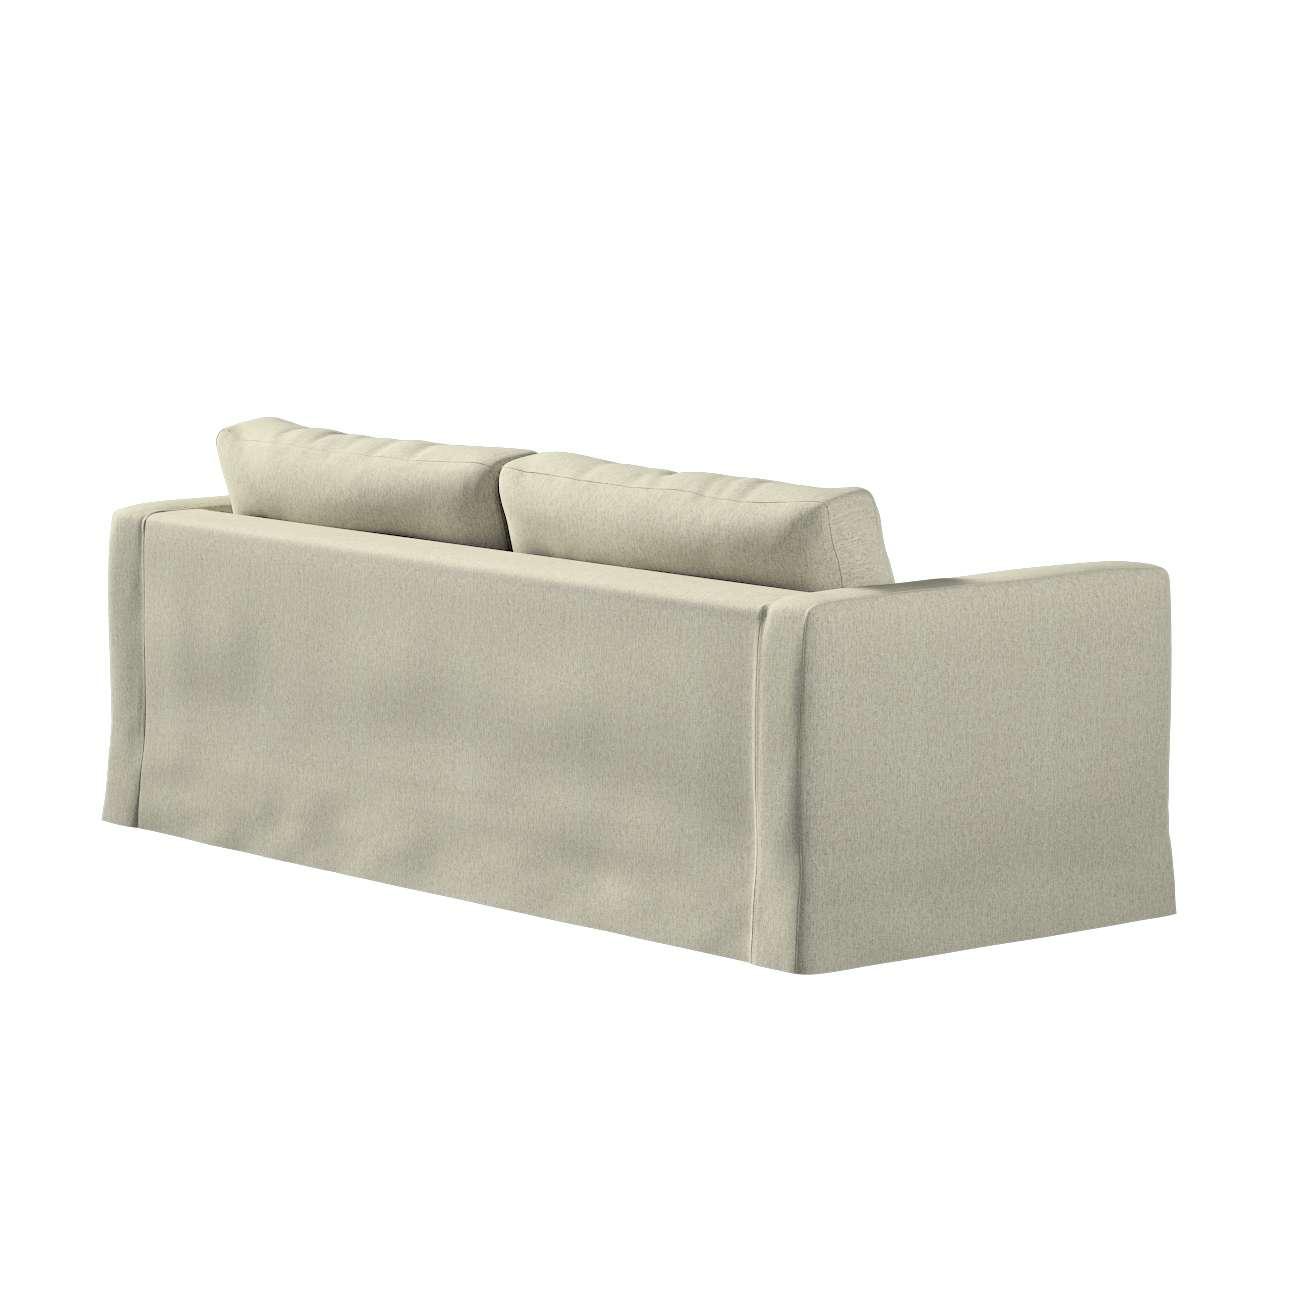 Potah na pohovku IKEA  Karlstad 3-místná, nerozkládací, dlouhý v kolekci Living, látka: 161-62